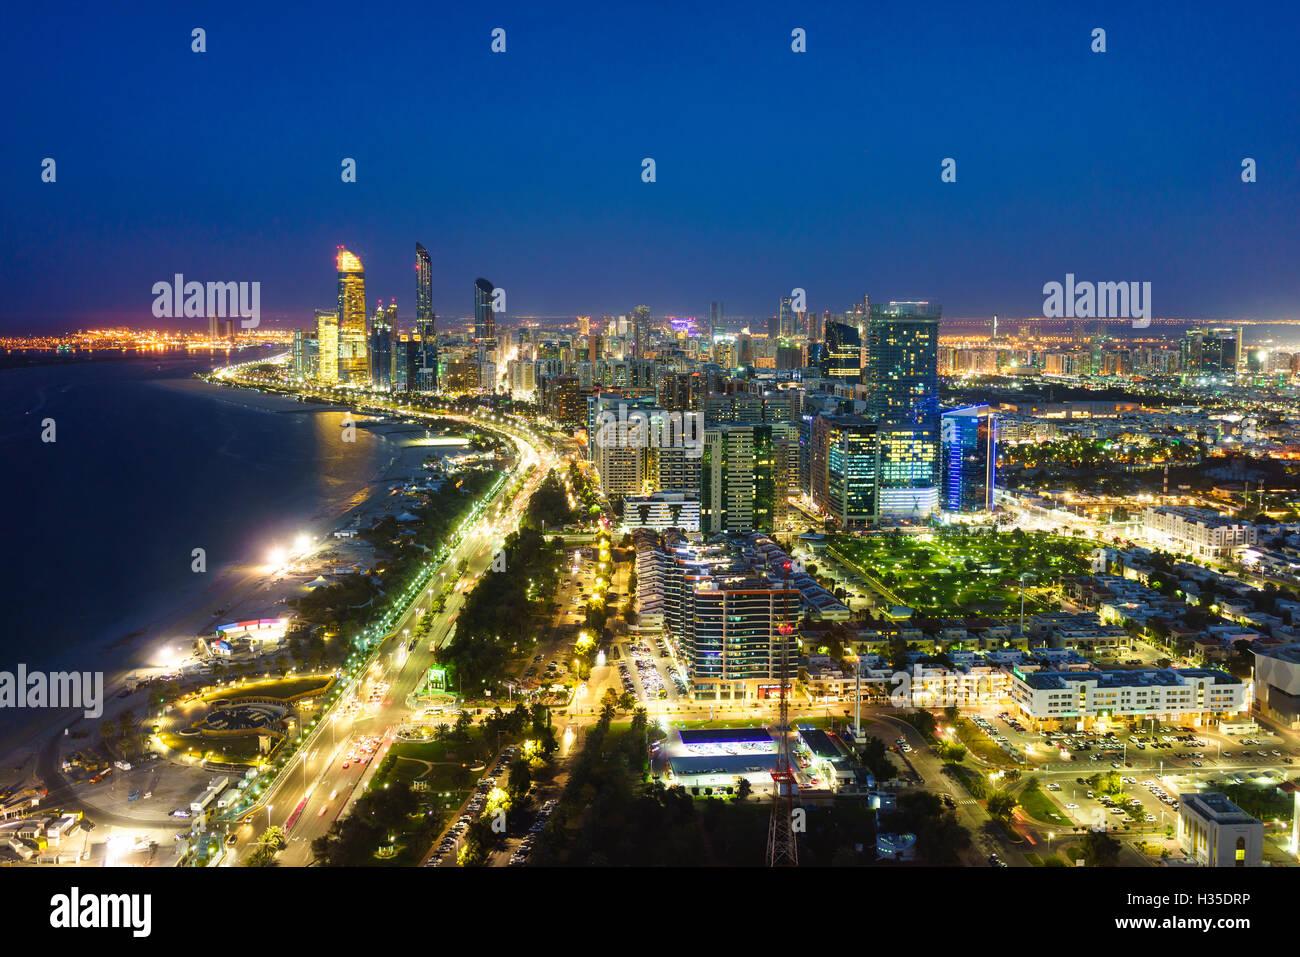 Skyline und Corniche Al Markaziyah Bezirk von Nacht, Abu Dhabi, Vereinigte Arabische Emirate, Naher Osten Stockbild